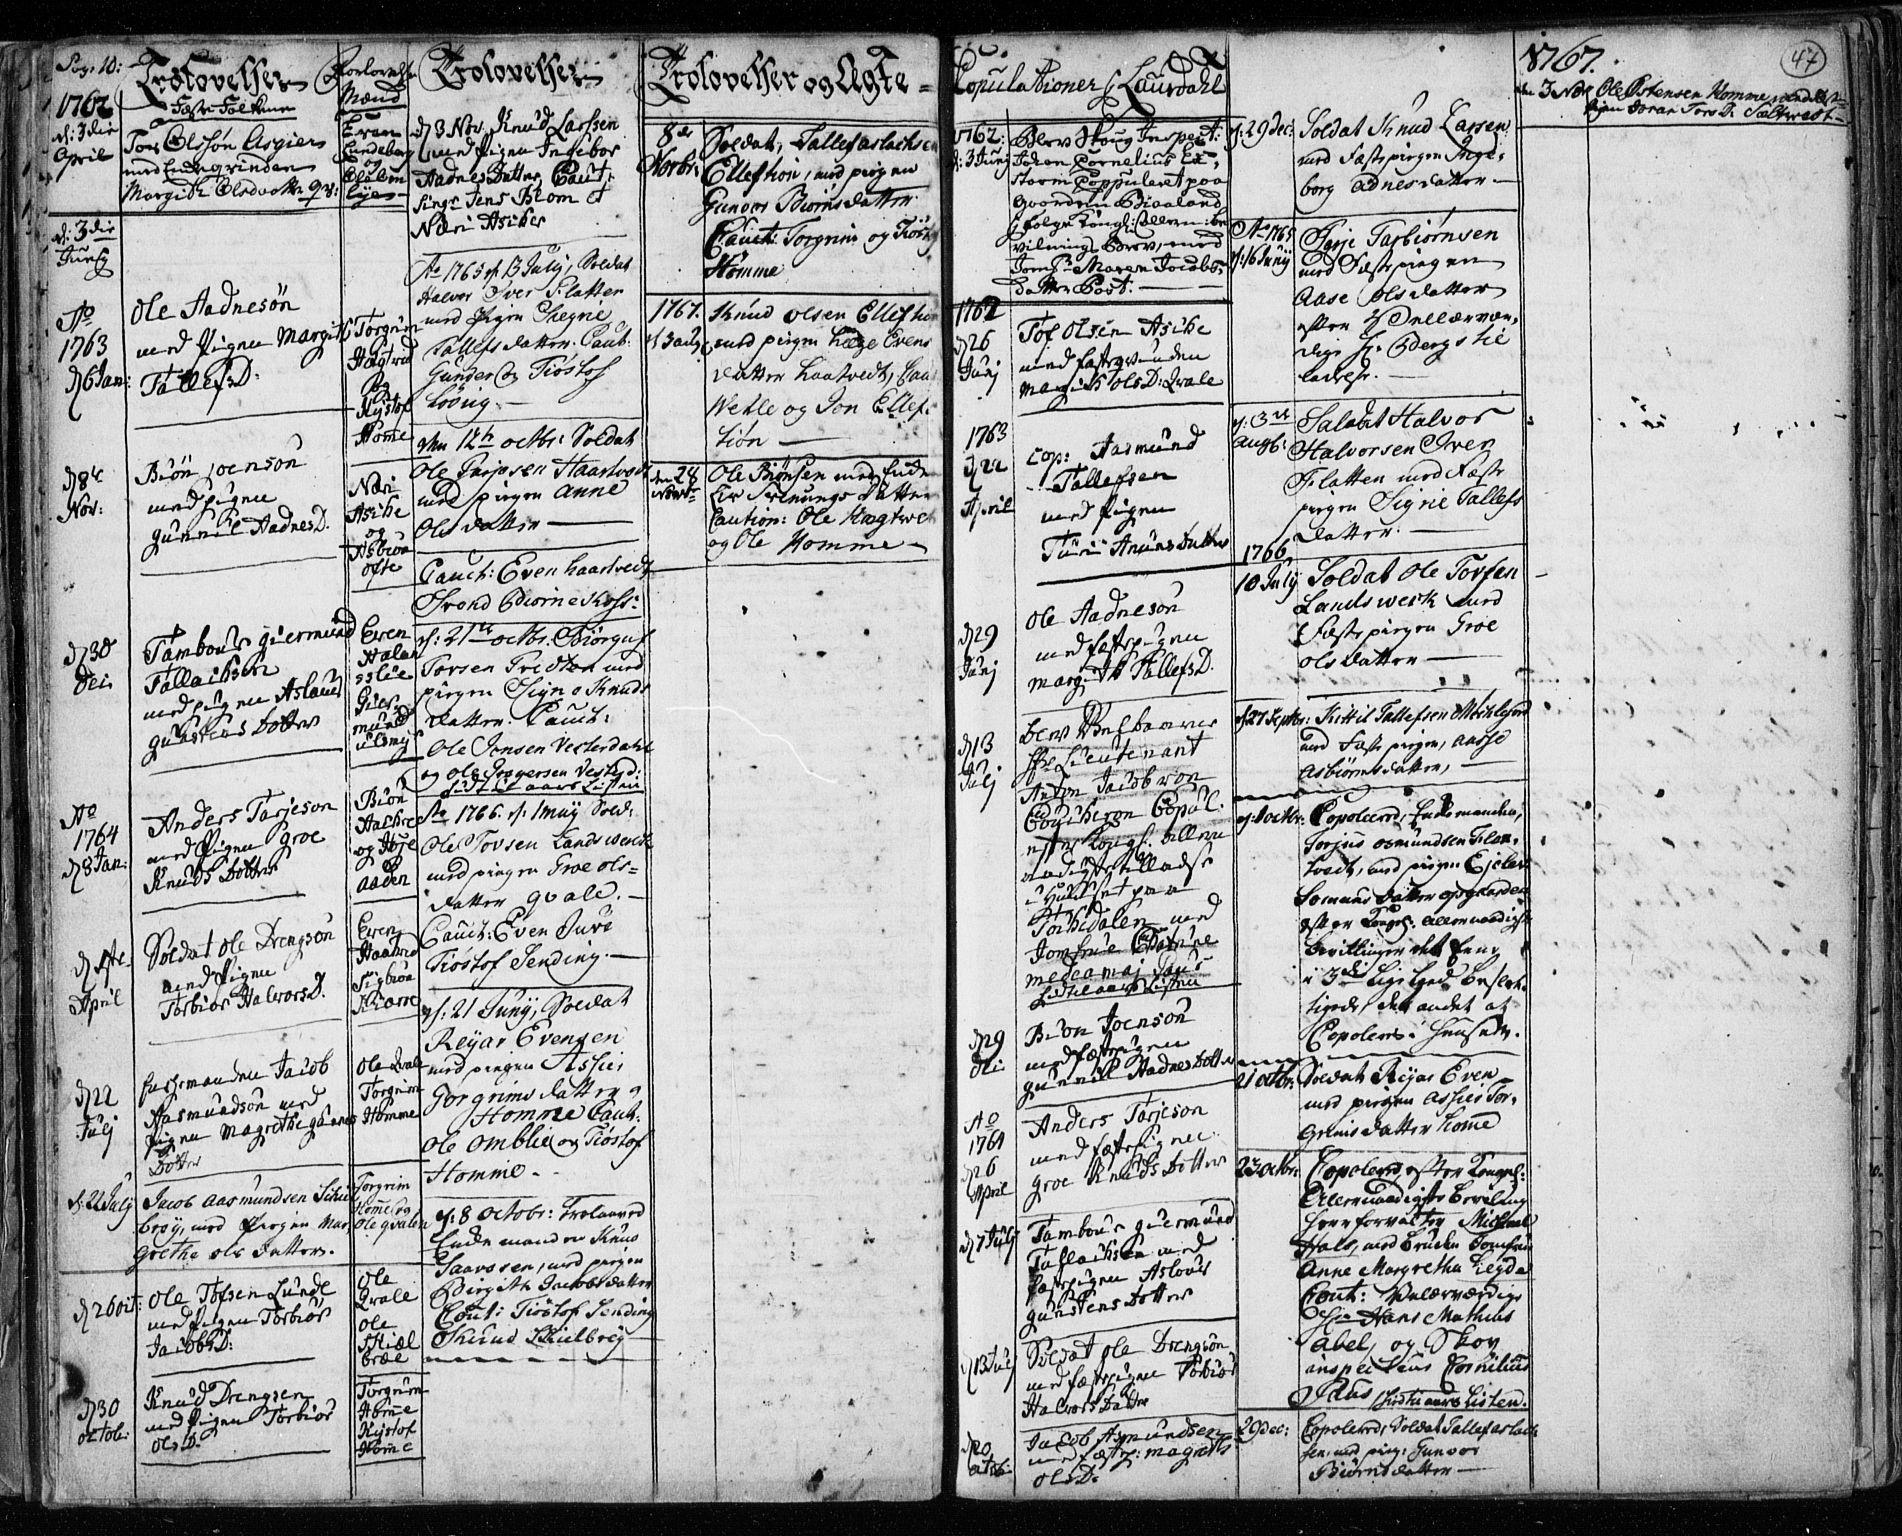 SAKO, Lårdal kirkebøker, F/Fa/L0003: Ministerialbok nr. I 3, 1754-1790, s. 47